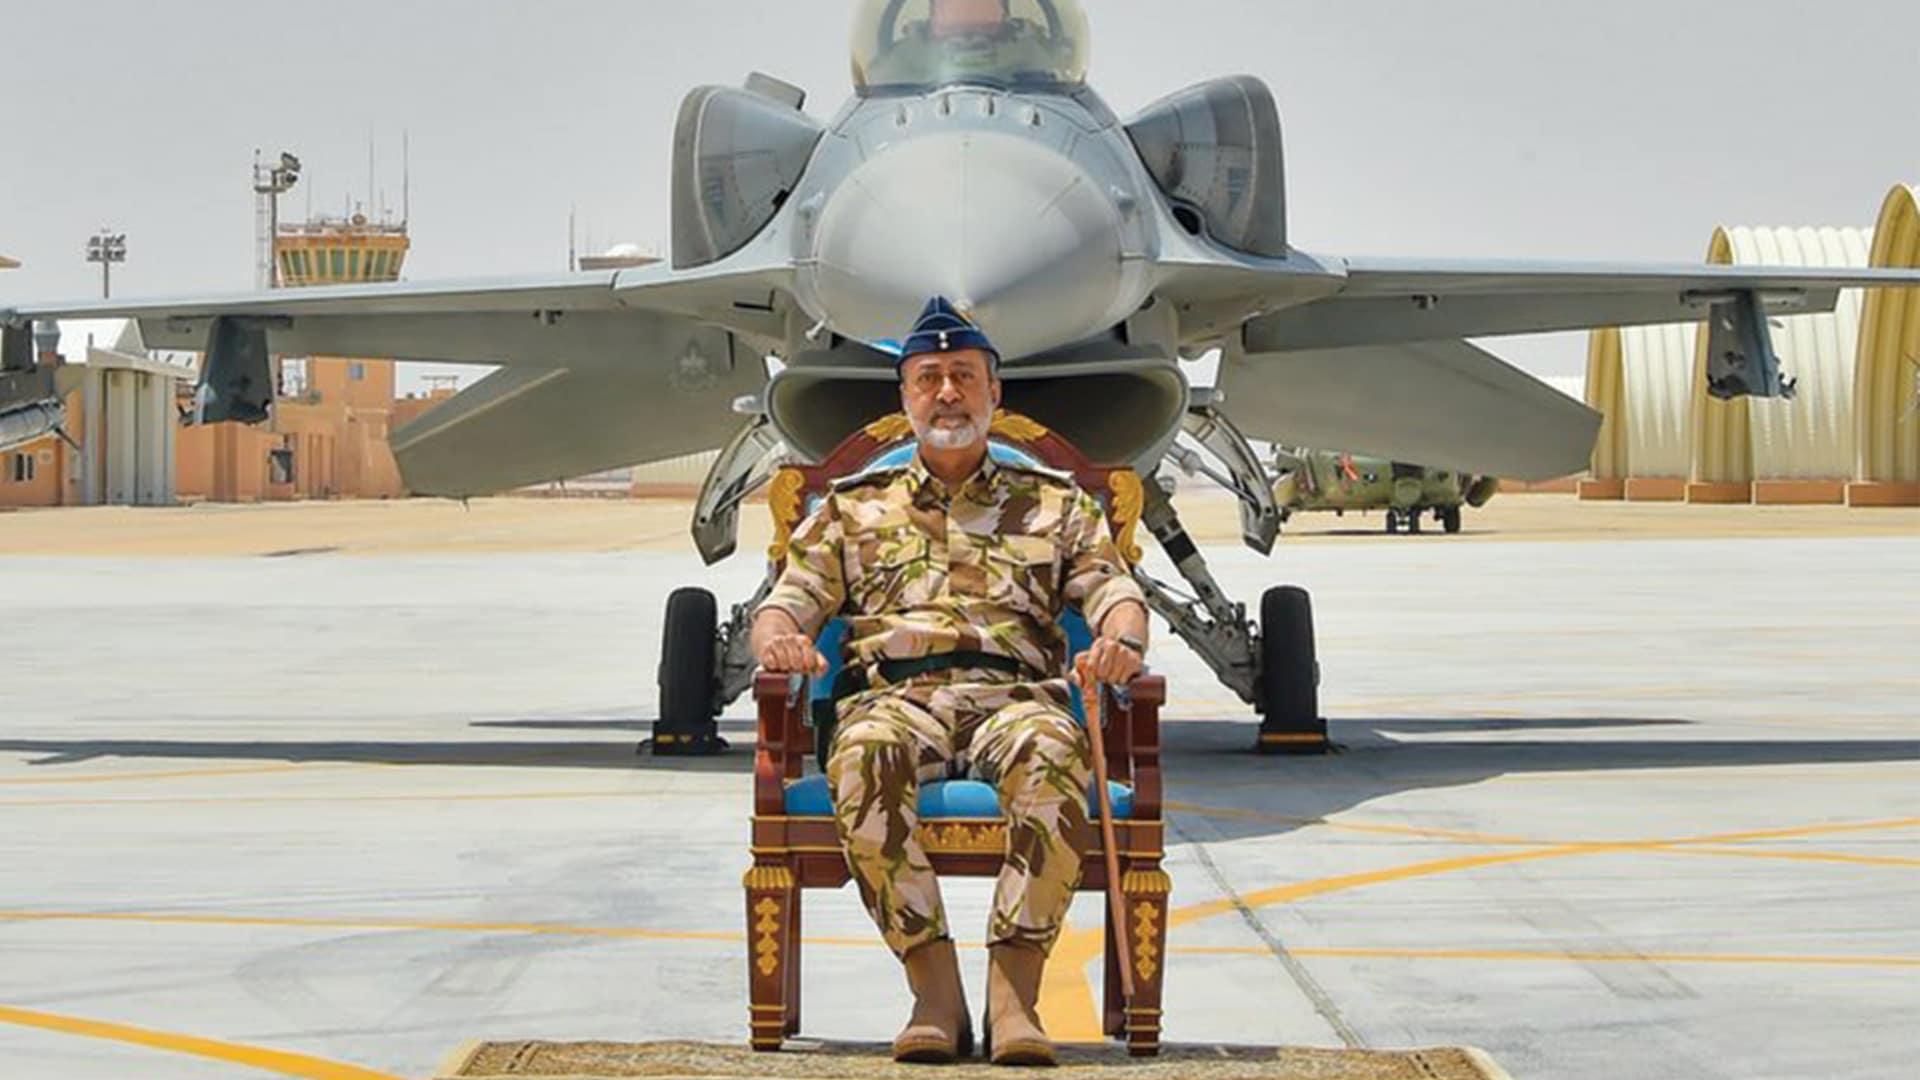 (شاهد) السلطان هيثم بن طارق داخل طائرة مقاتلة مرتدياً زي سلاح الجو السلطاني